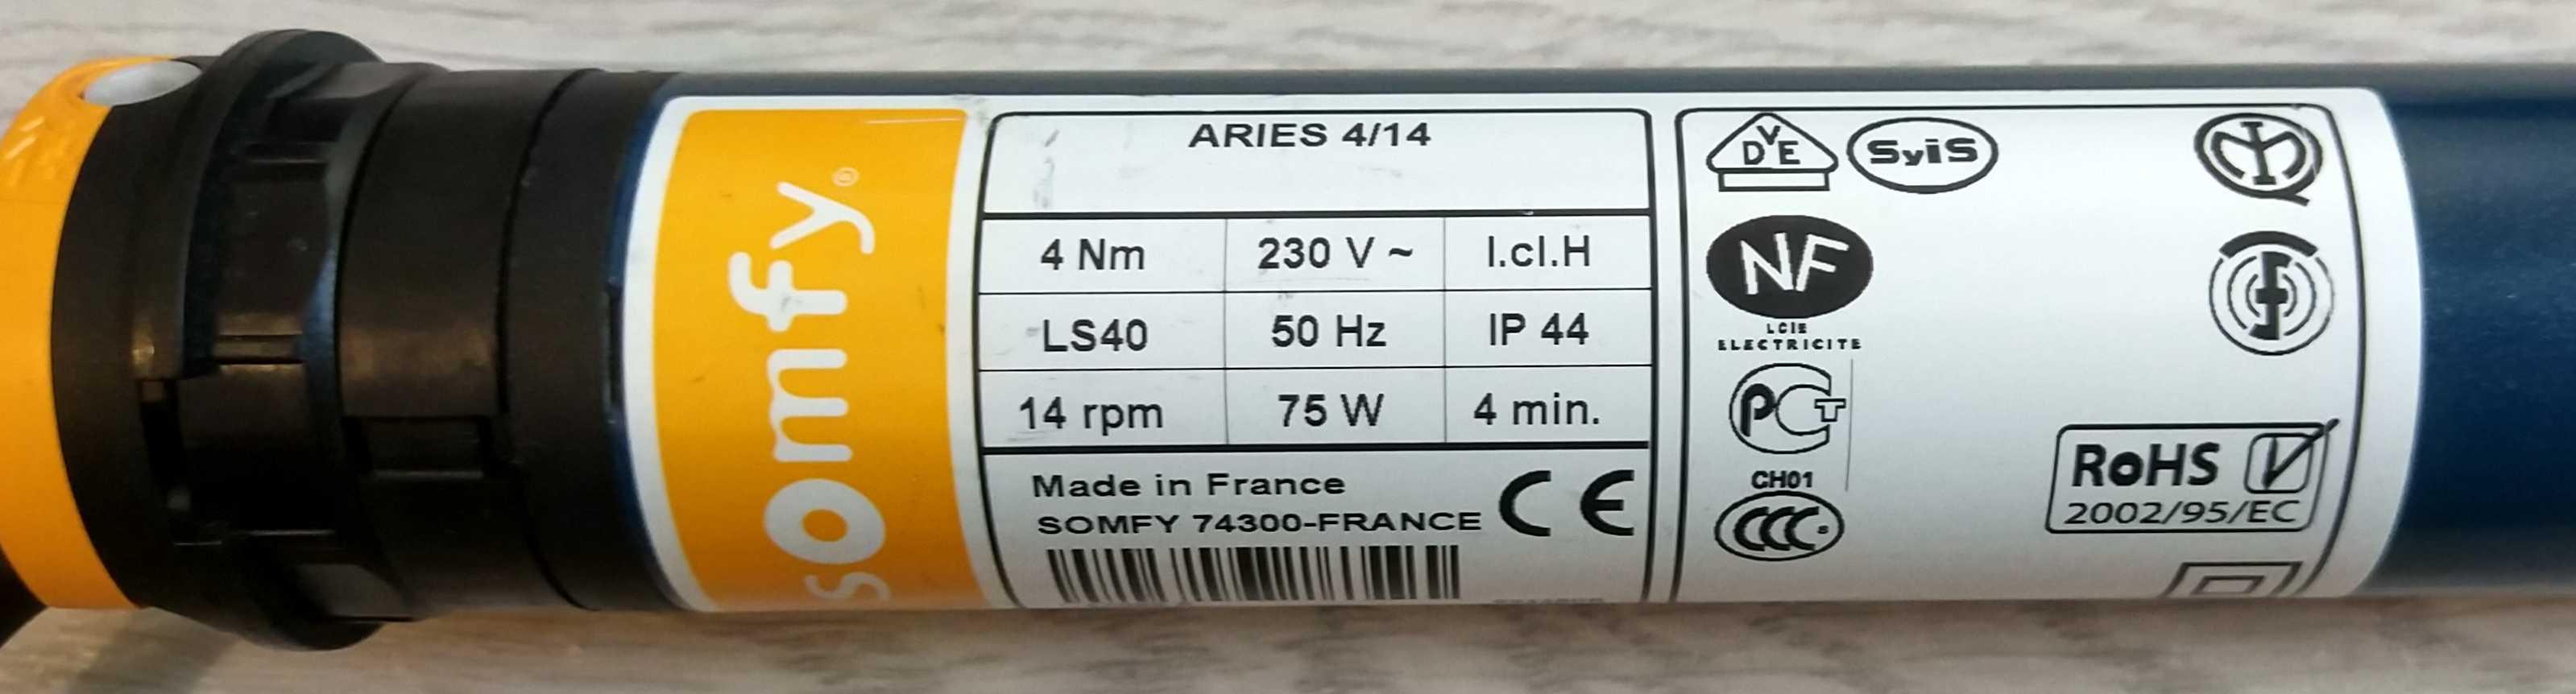 Привод SOMFY LS 40 Aries S 4/14